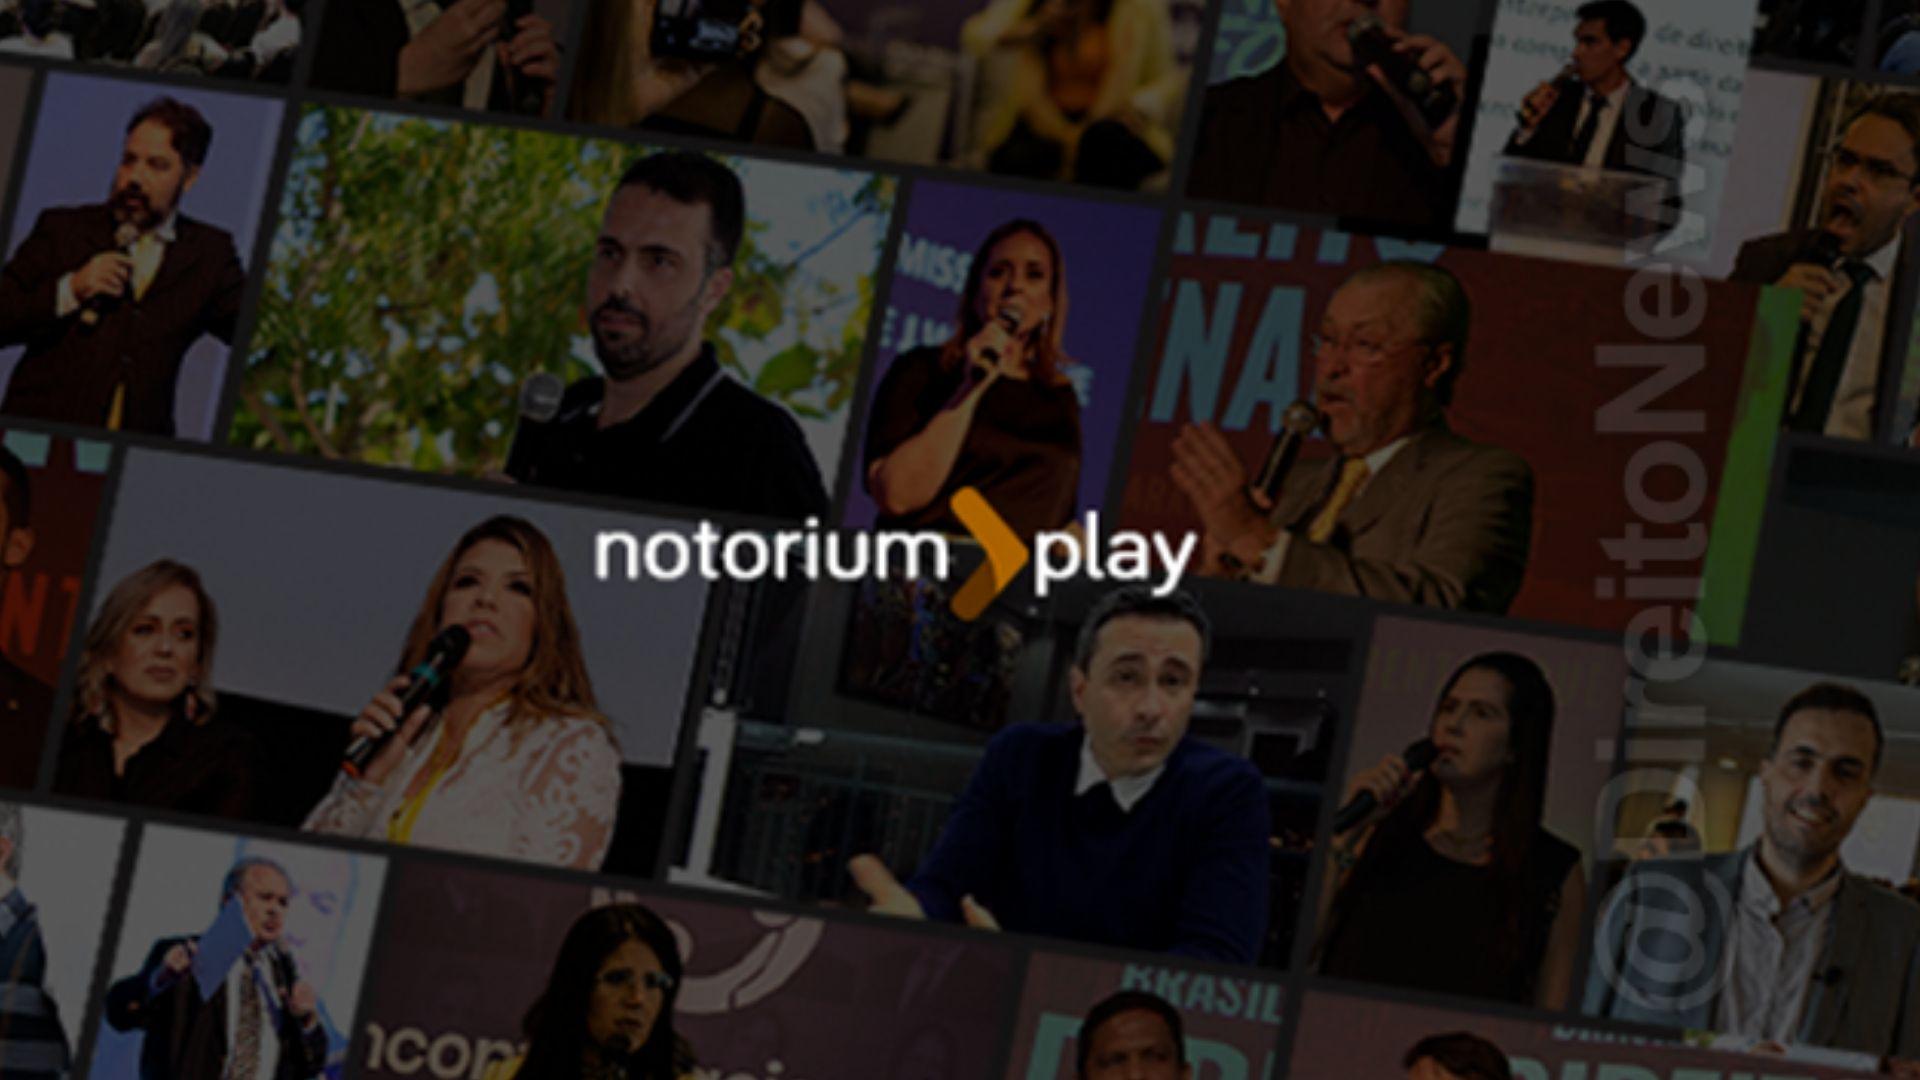 Notorium Play libera cursos de direito grátis por 30 dias